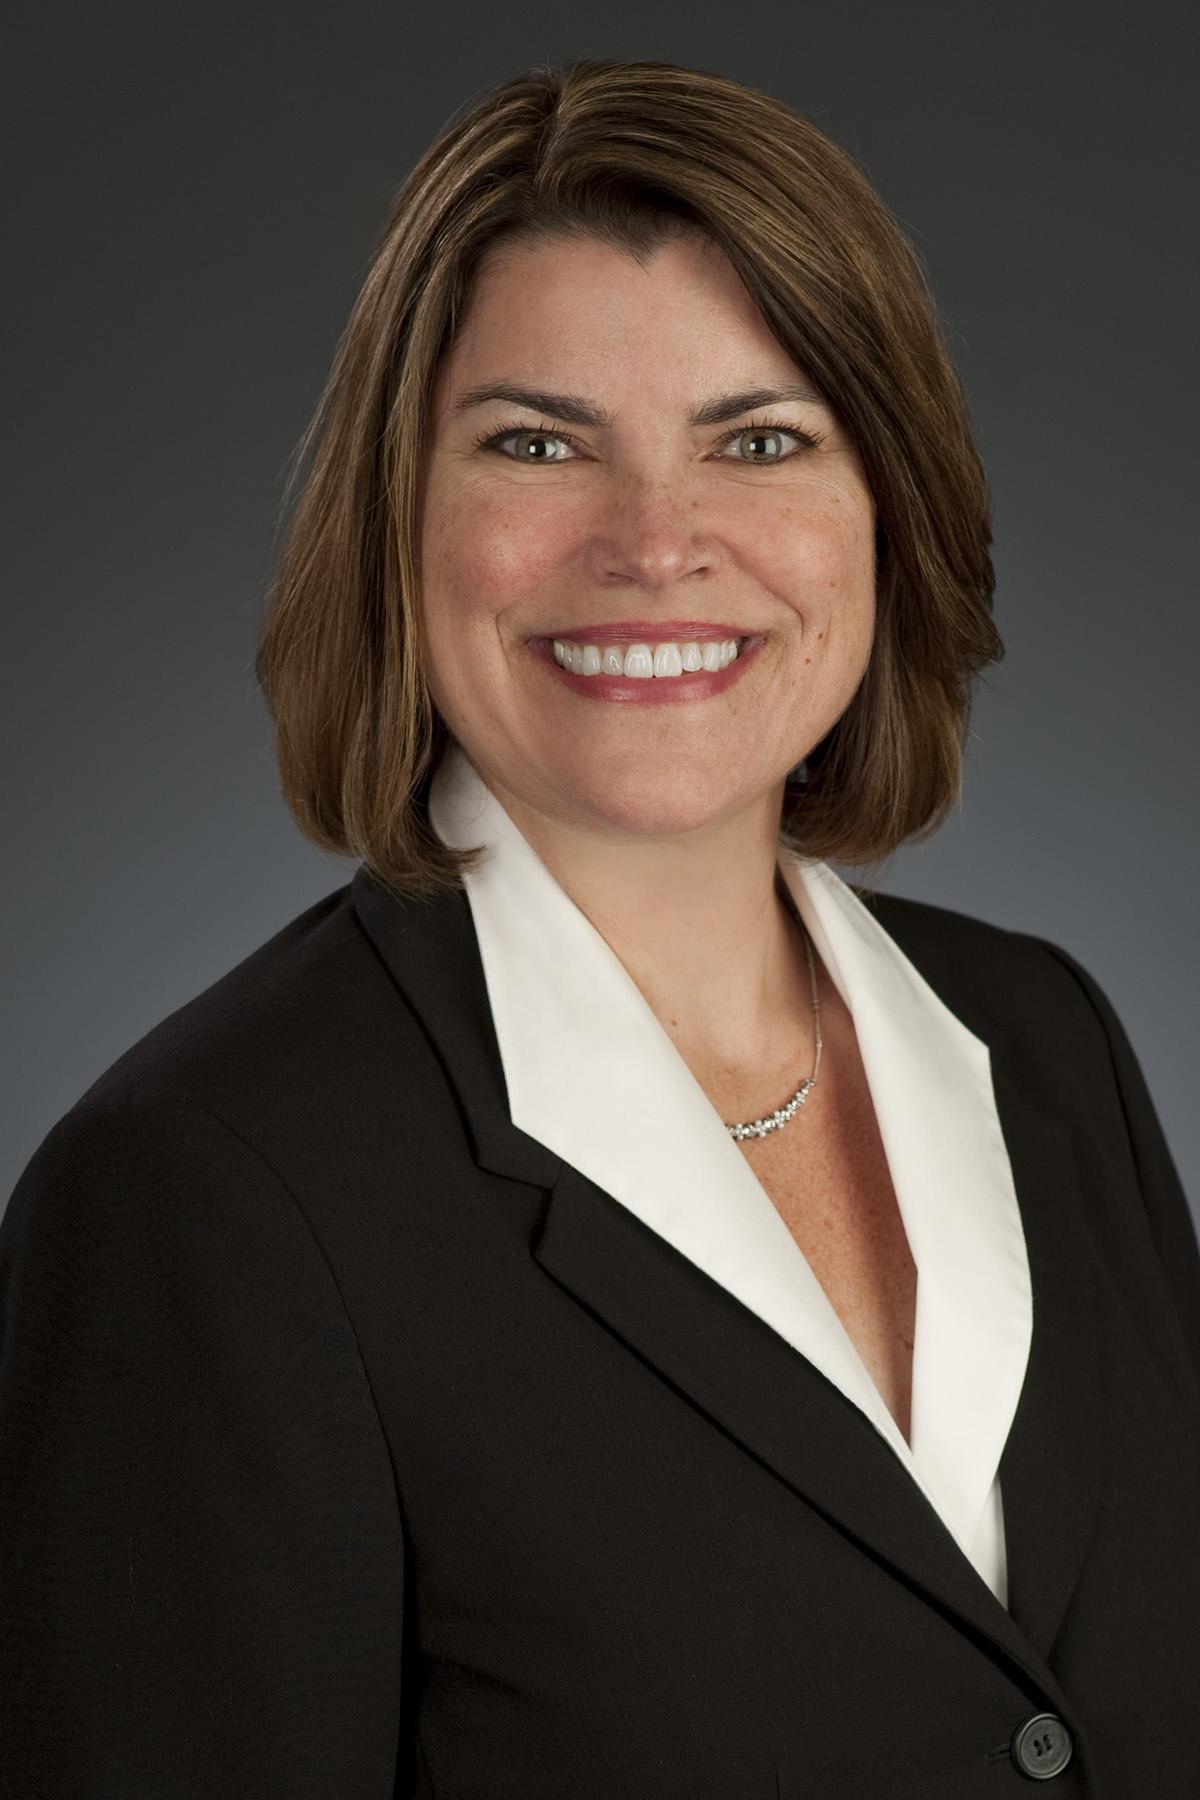 Tina Perez